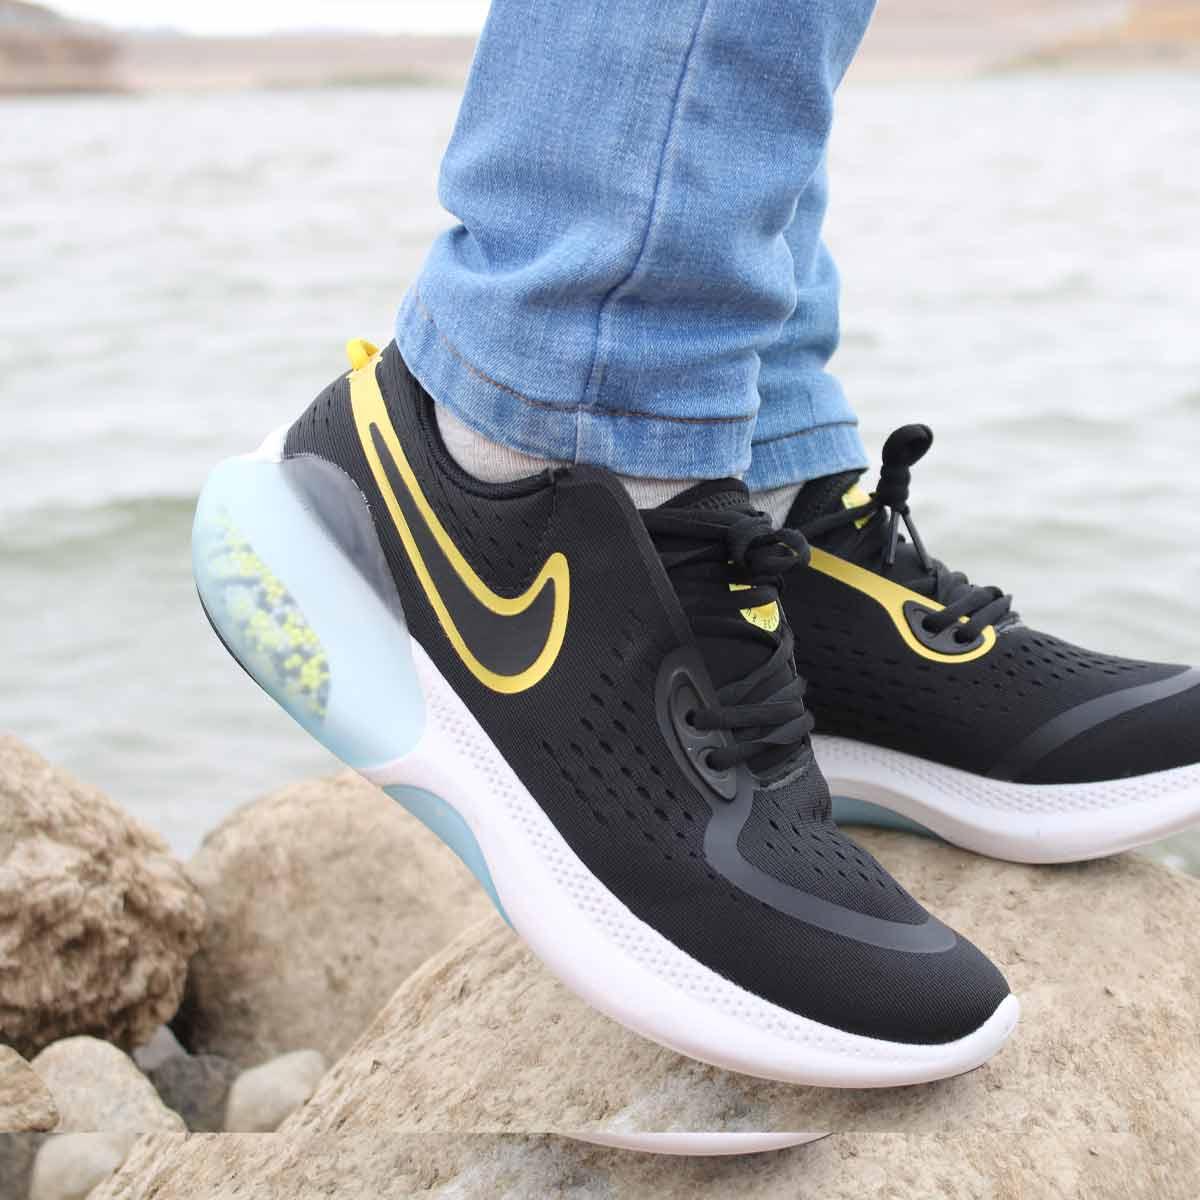 کفش نایک مدل joy ride